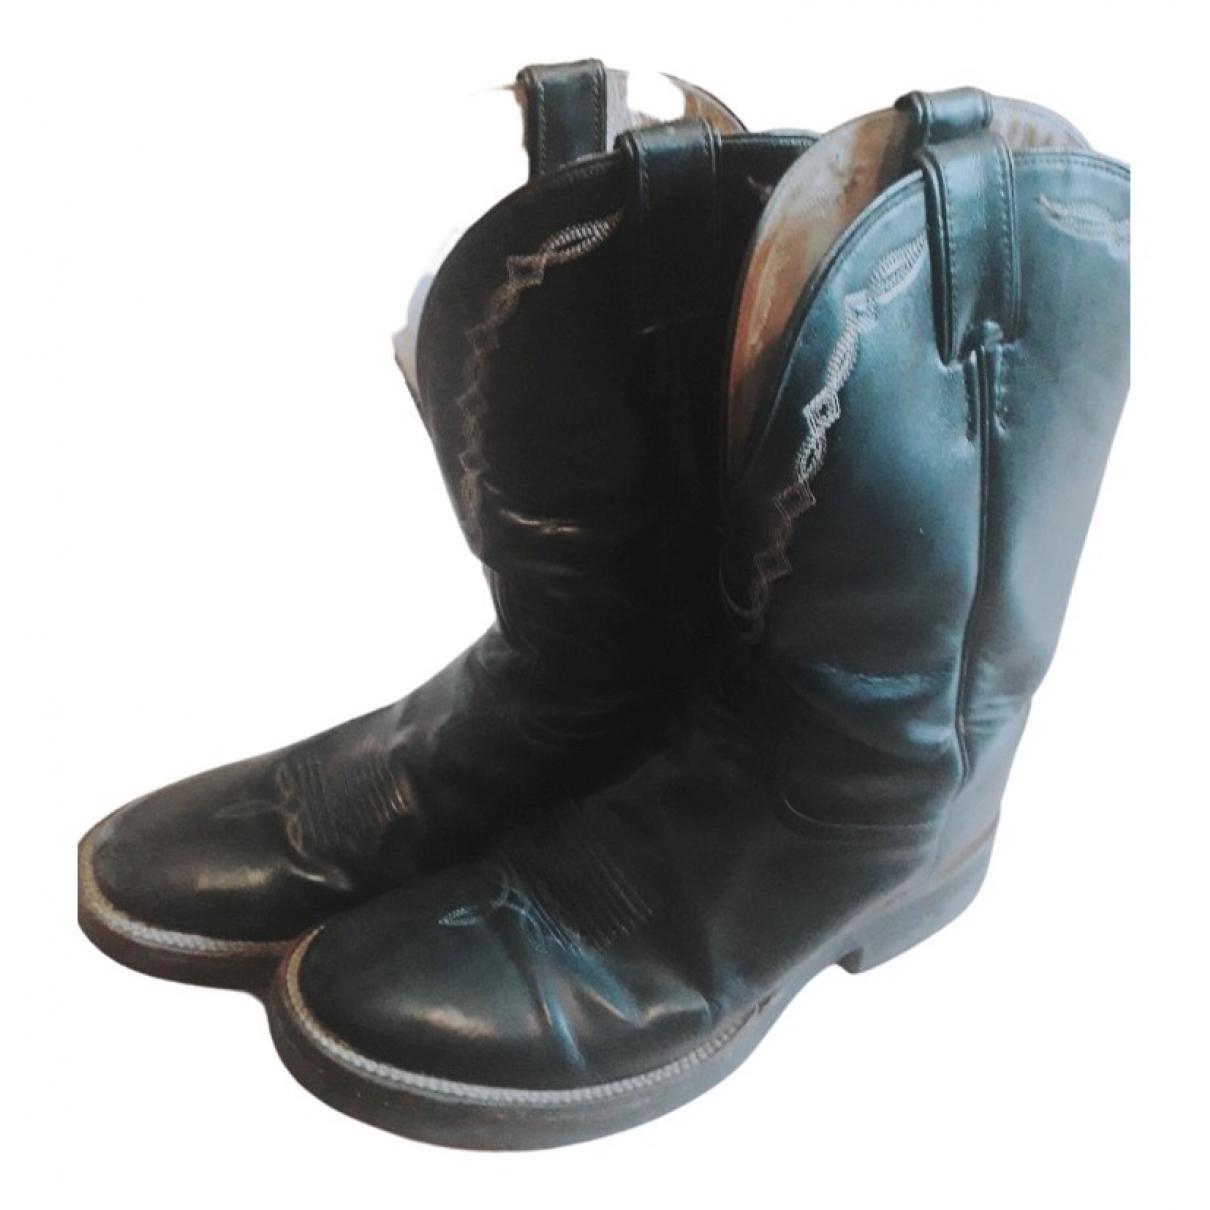 Tony Lama - Bottes.Boots   pour homme en cuir - noir